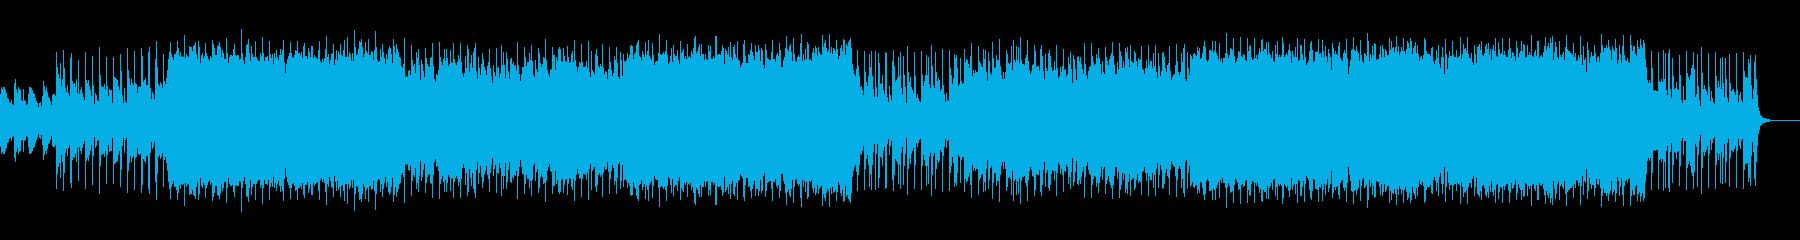 大平原が似合う、壮大で爽やかな曲の再生済みの波形